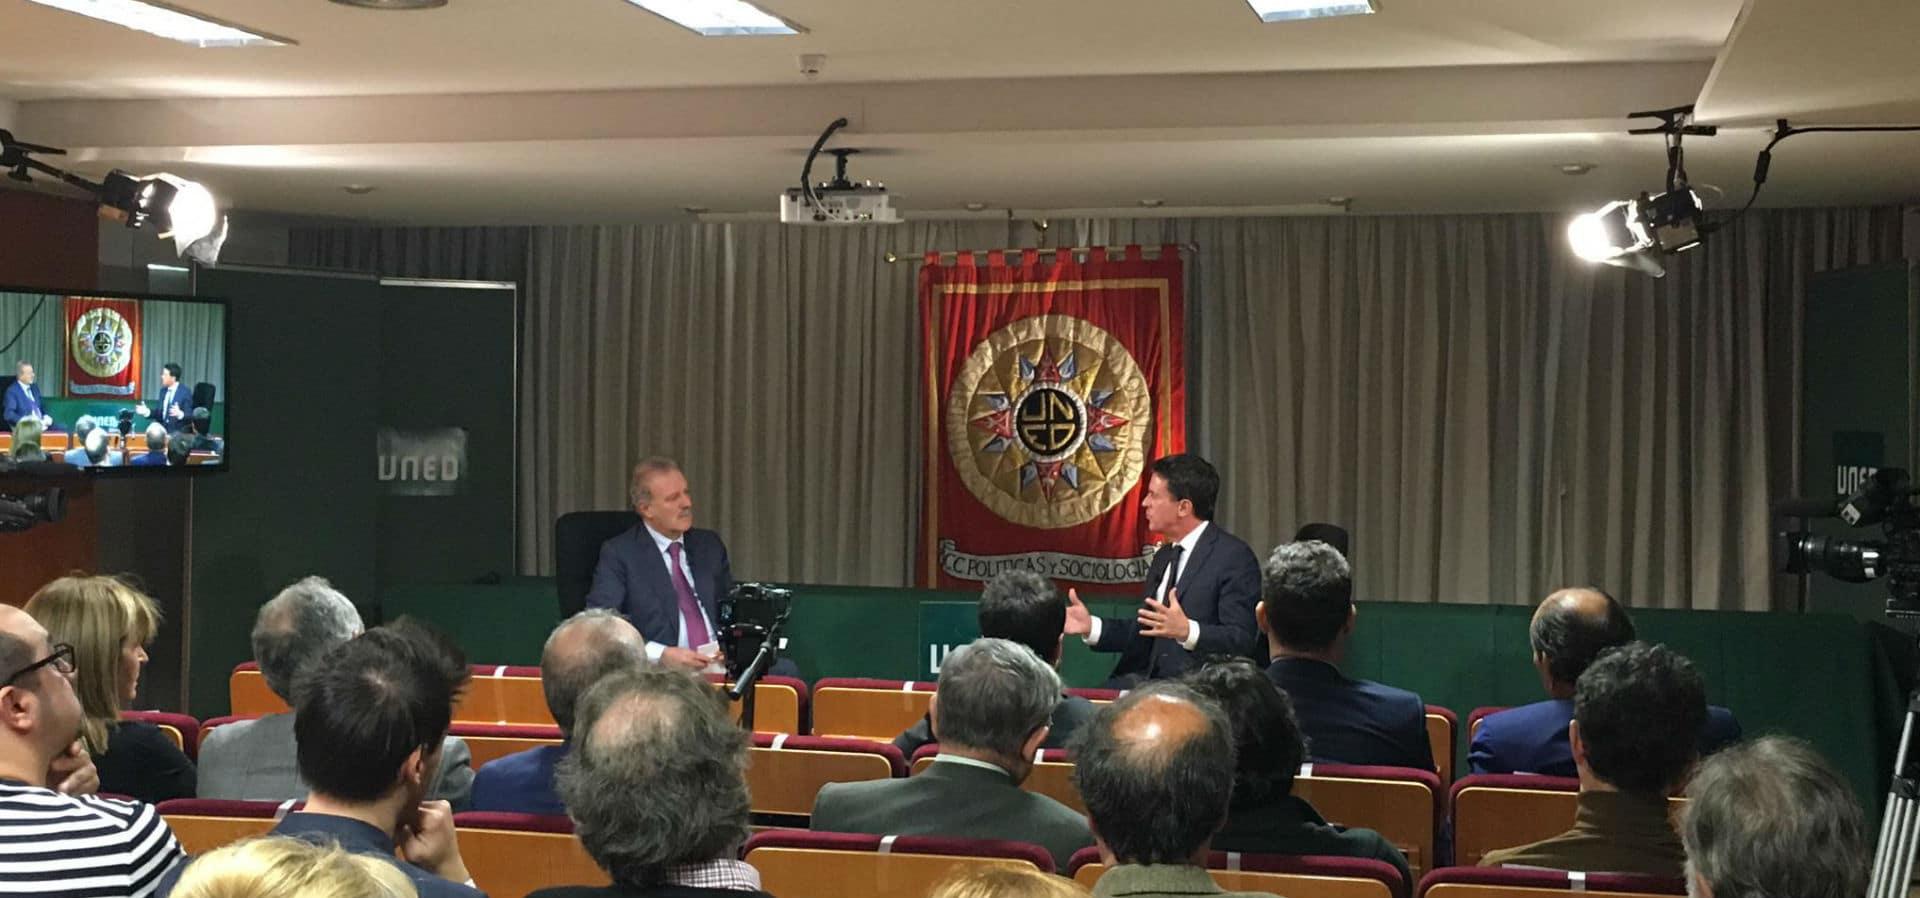 El presidente de Next entrevista a Manuel Valls